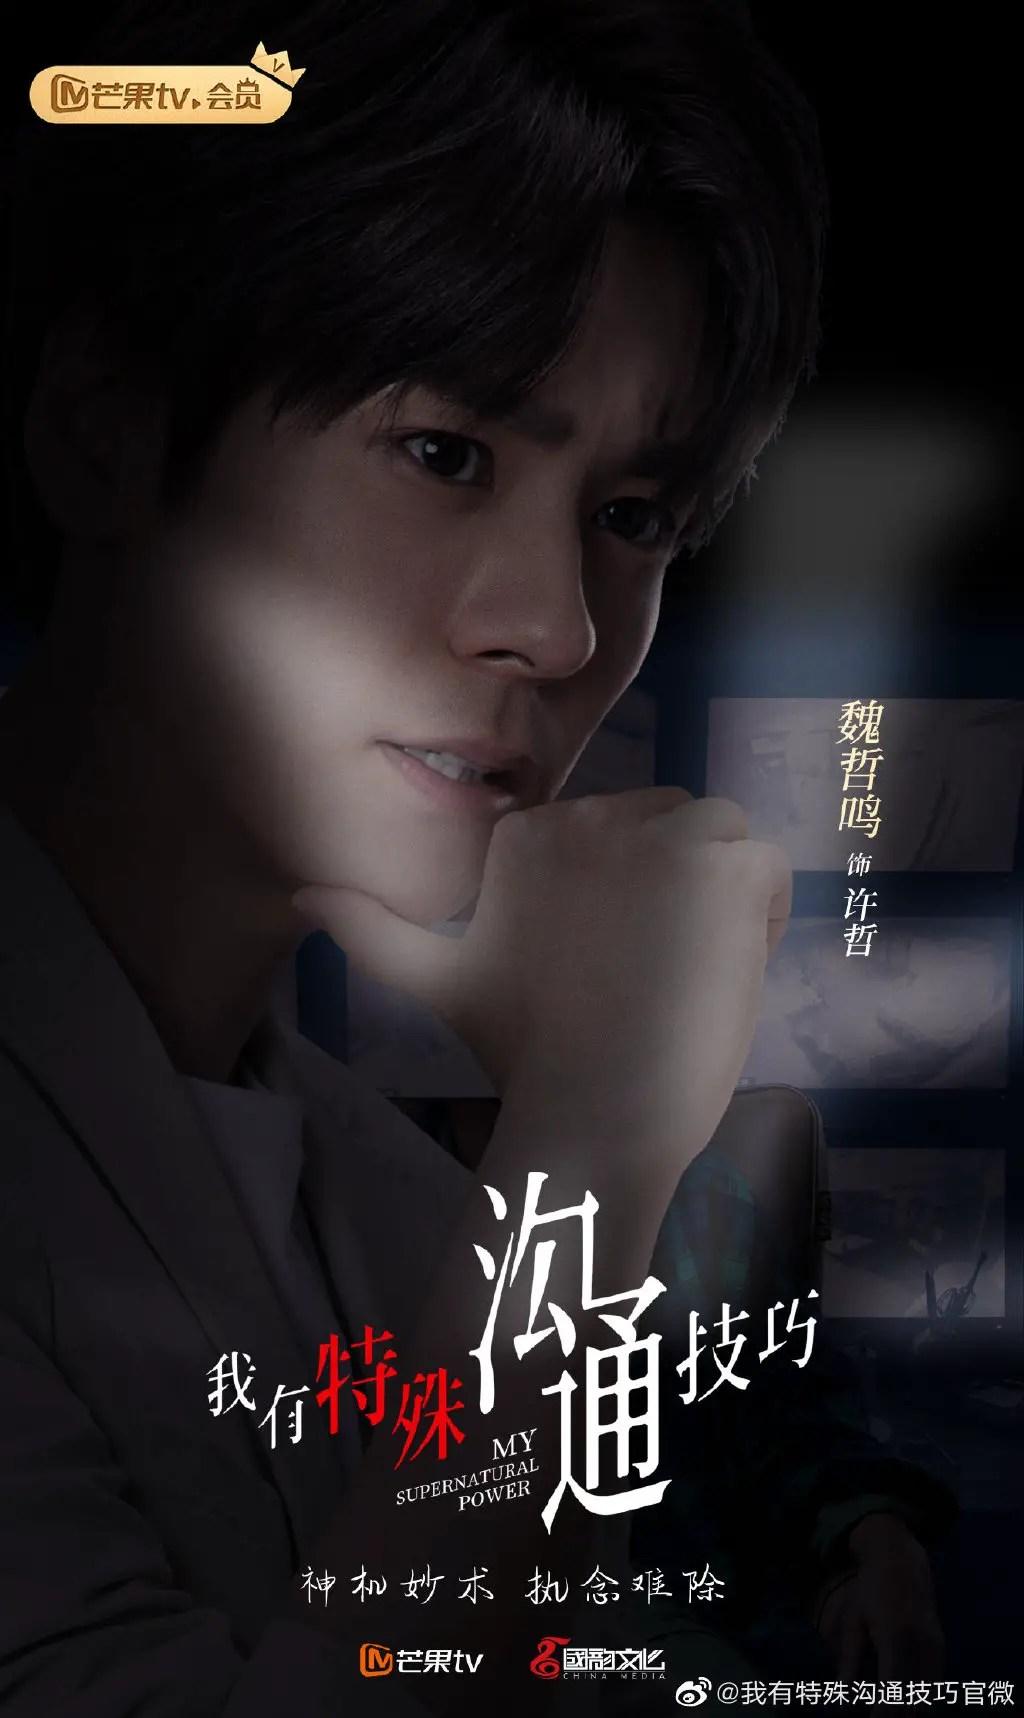 Wei Zhe Ming